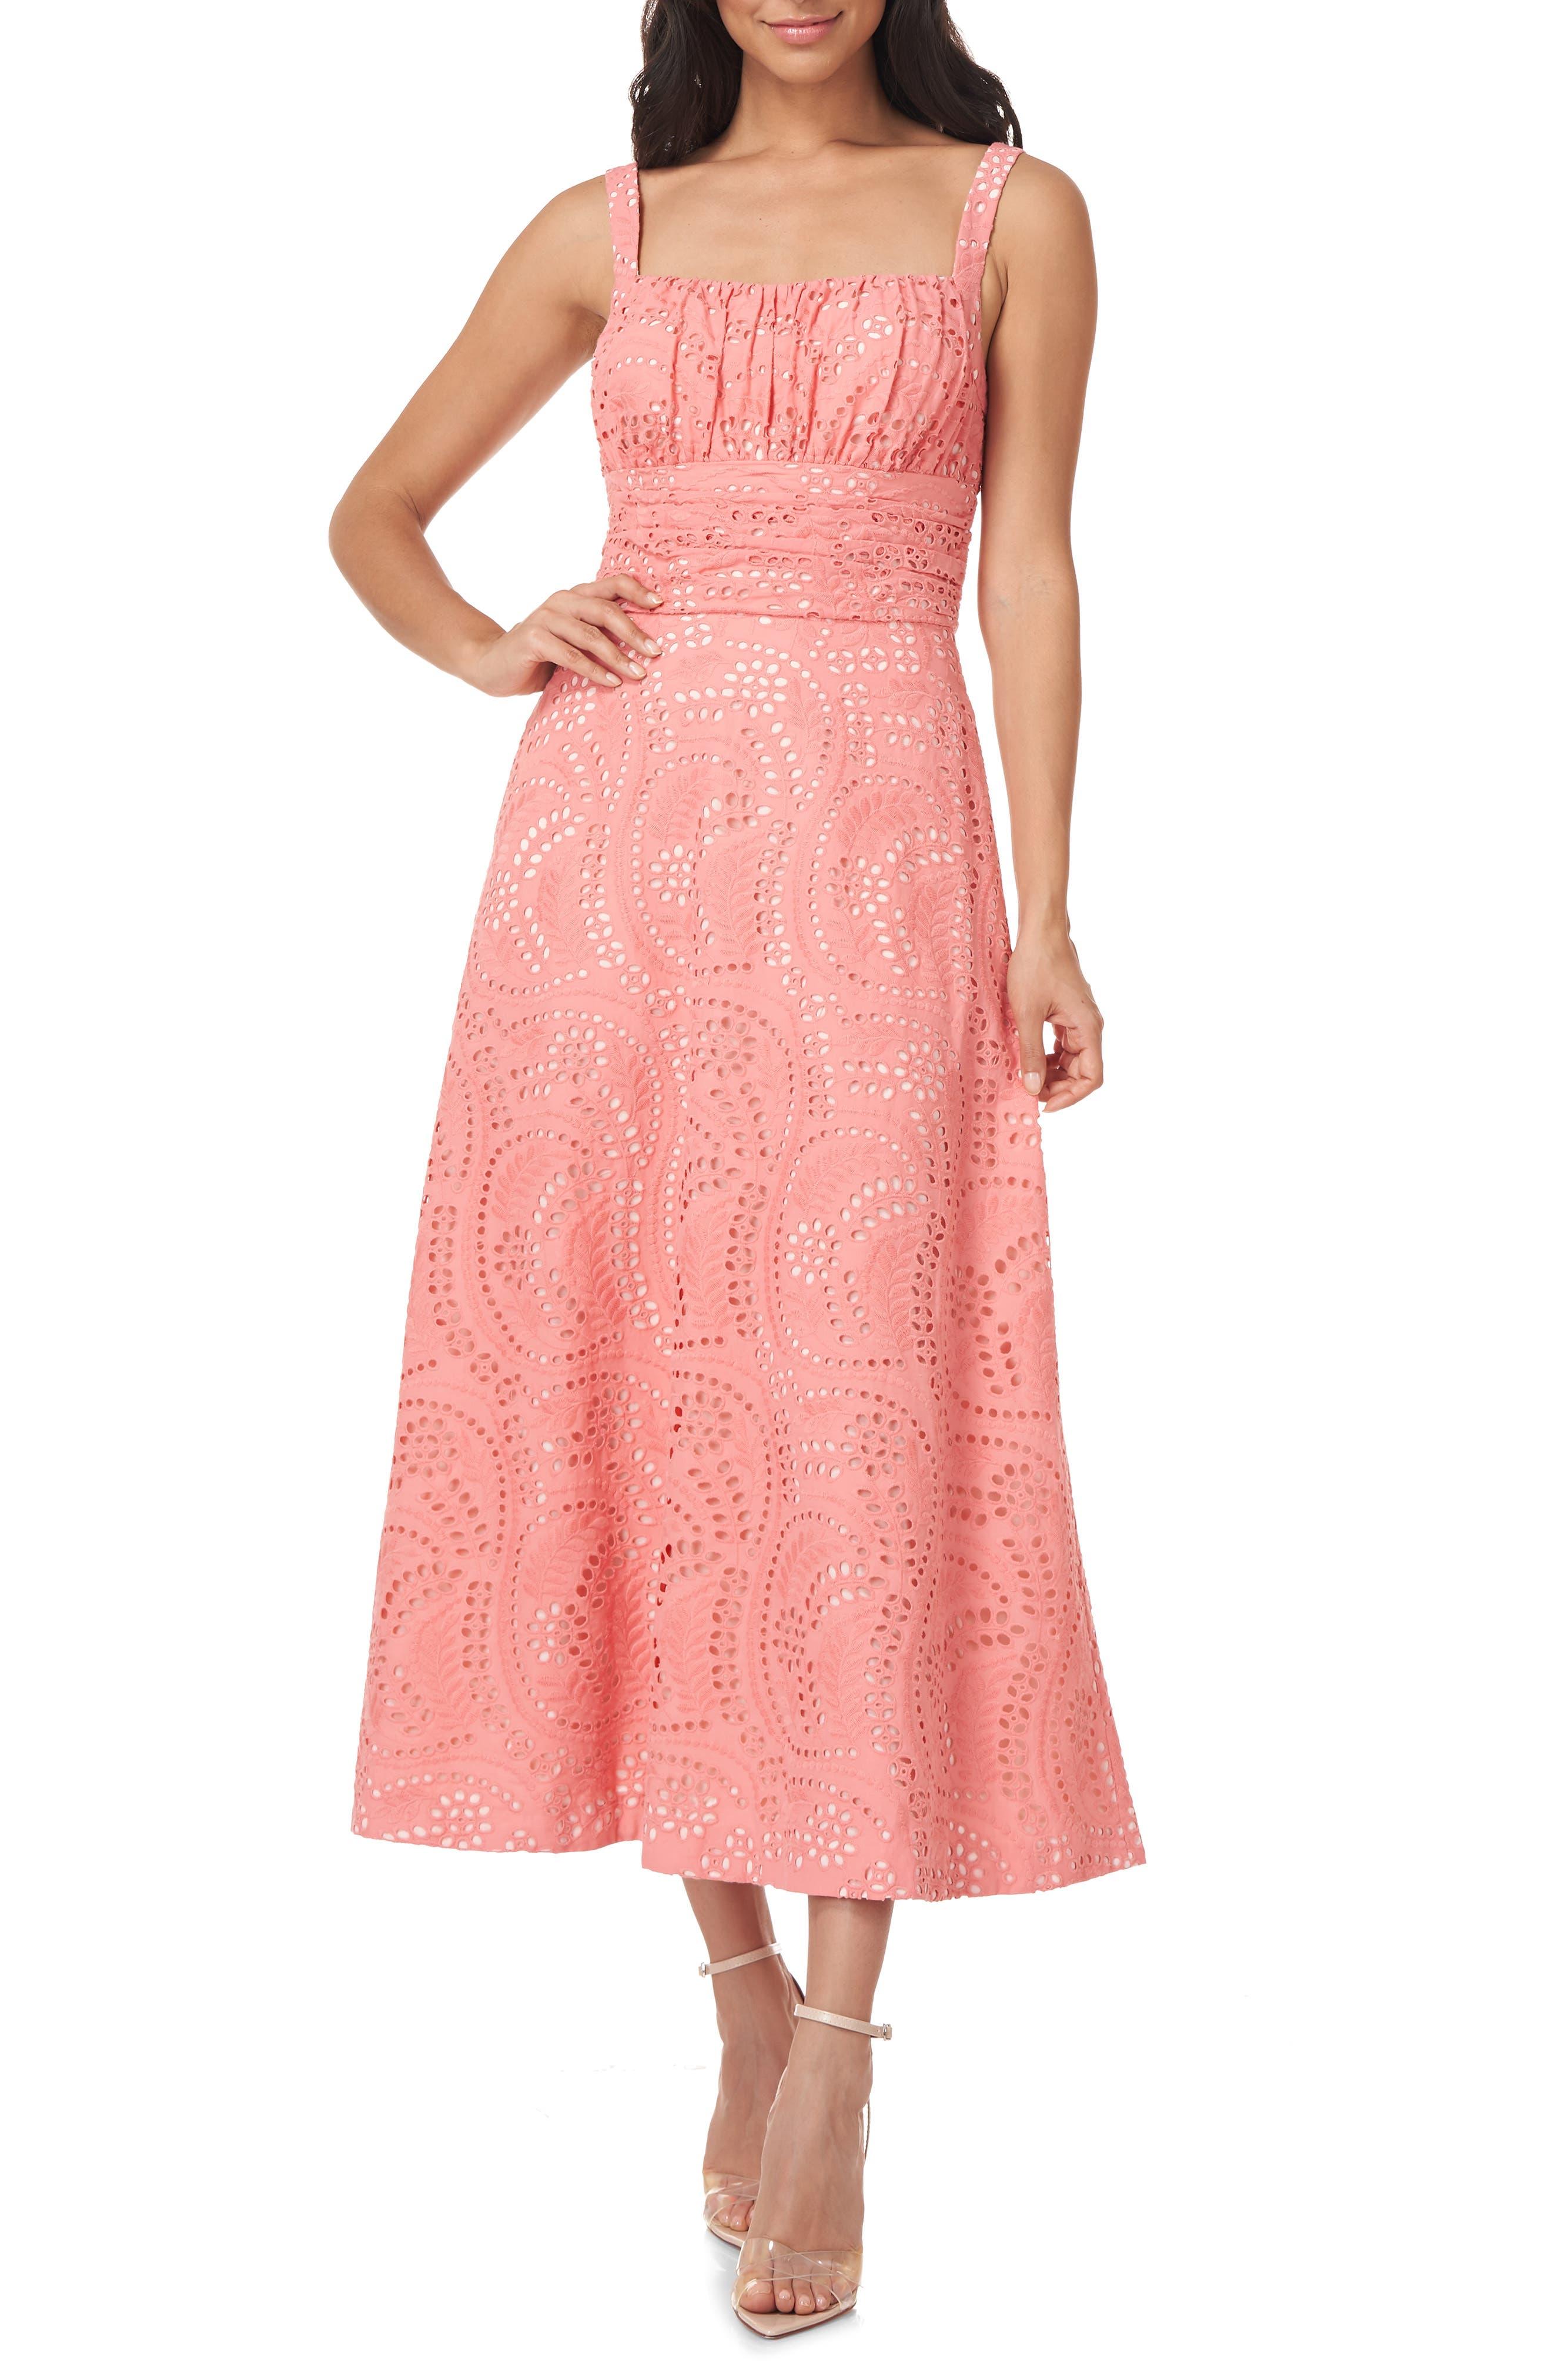 Coty Cotton Eyelet A-Line Dress